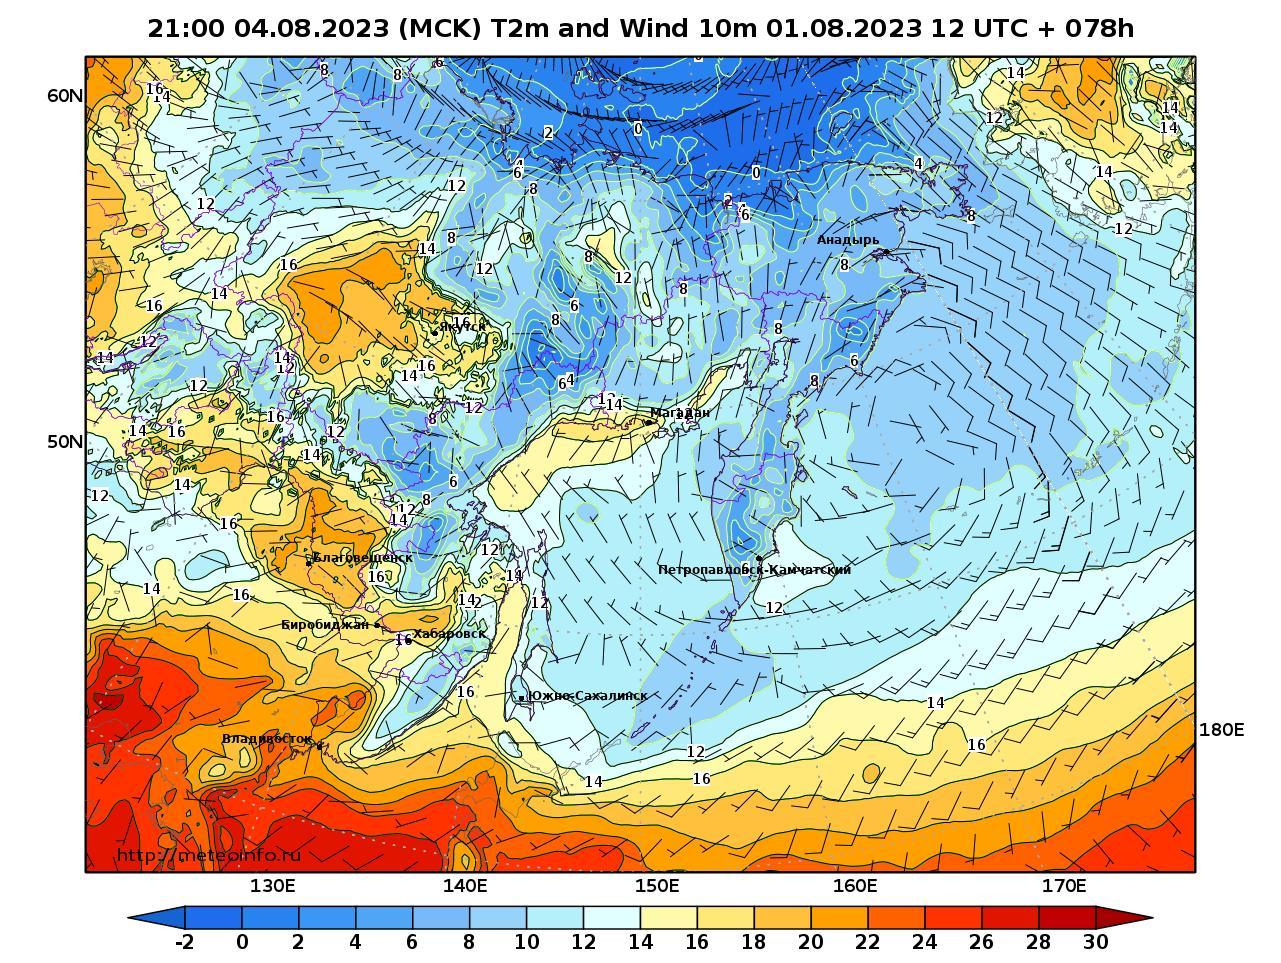 Дальний Восток, прогностическая карта приземная температура, заблаговременность прогноза 78 часов